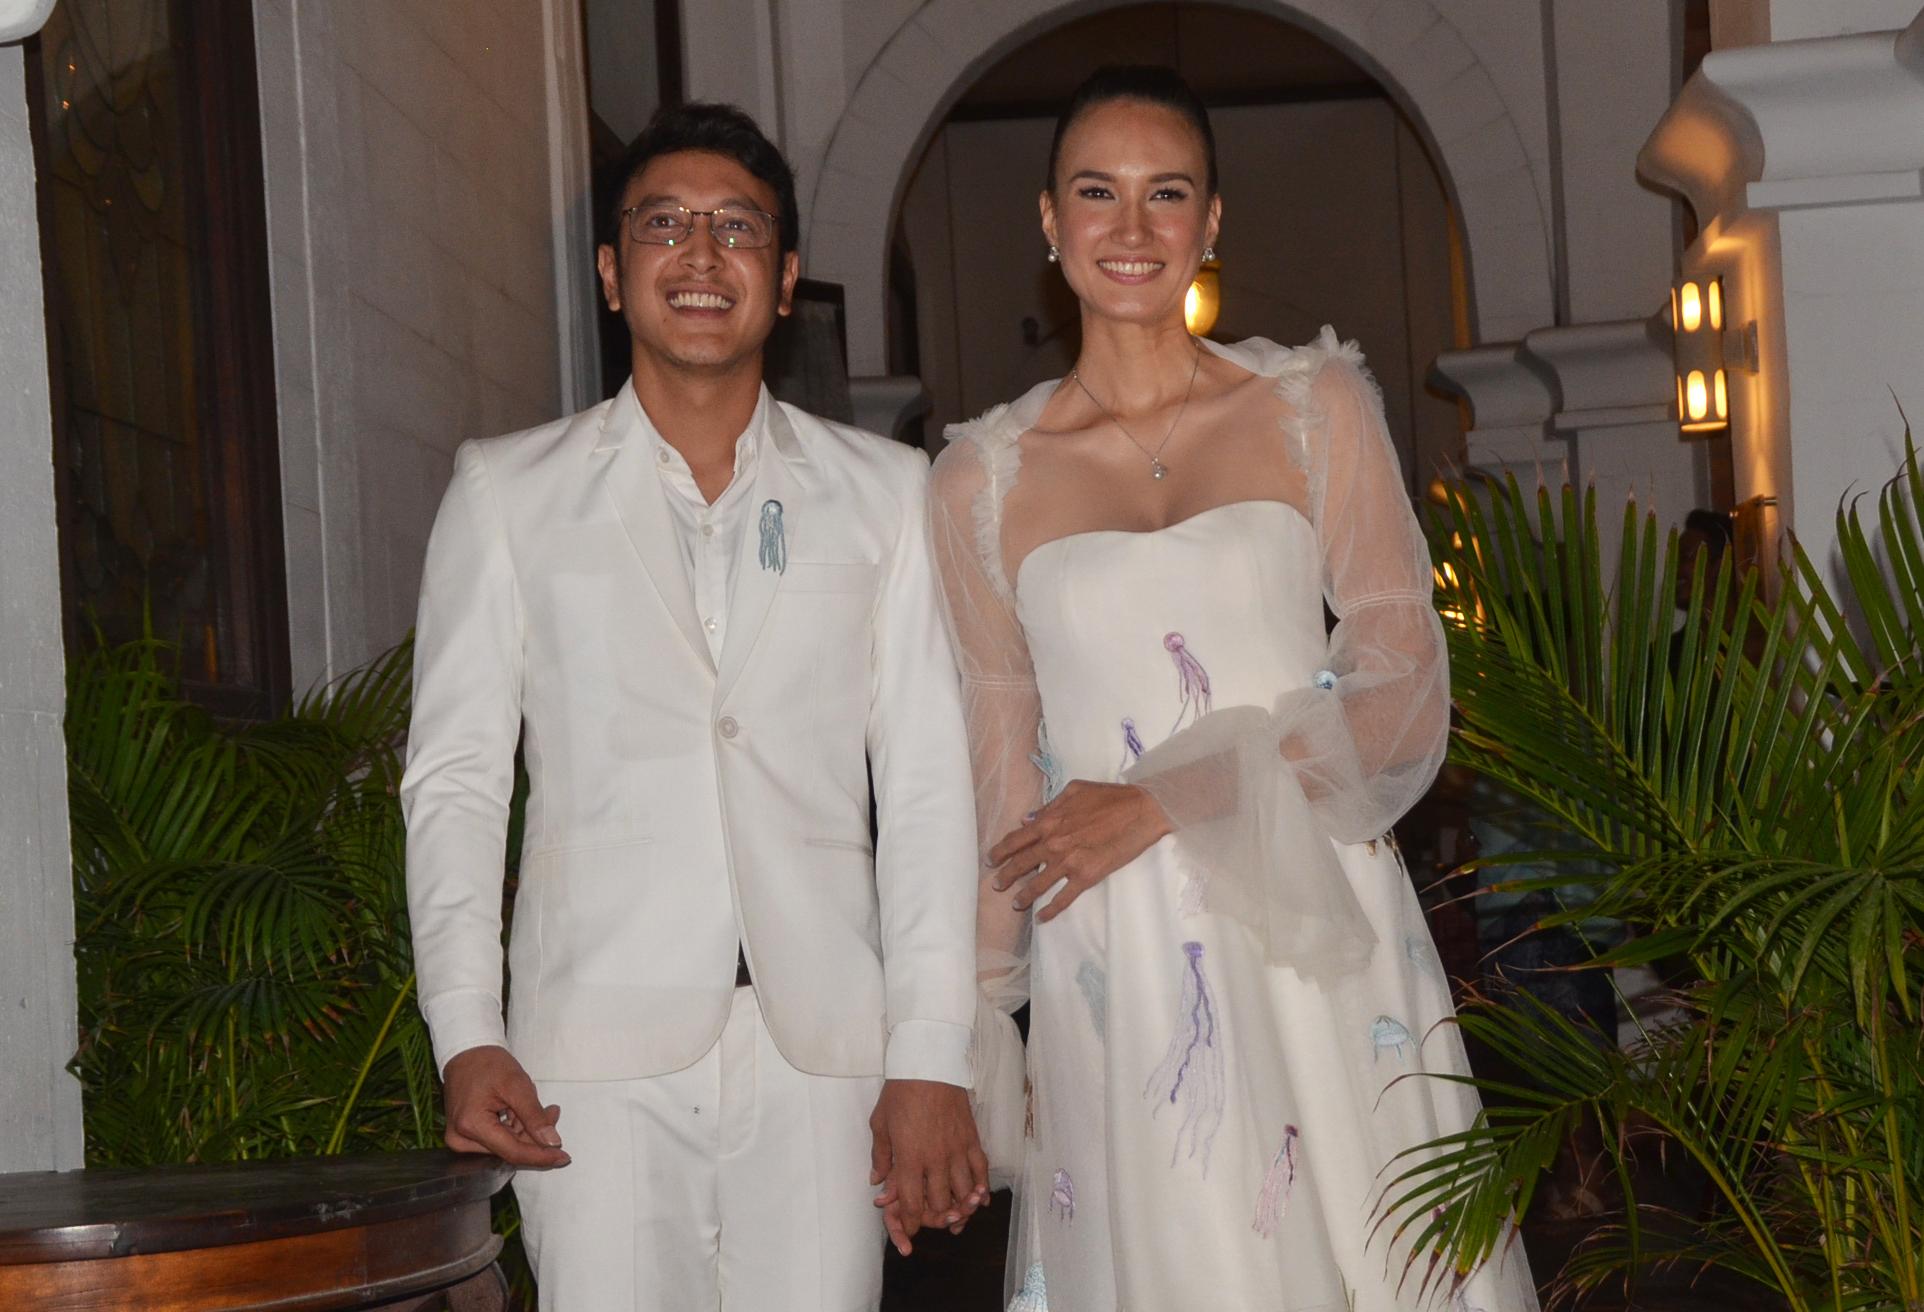 Jelang Pernikahan, Dimas Anggara Terbalik Memakai Baju Pengantinnya